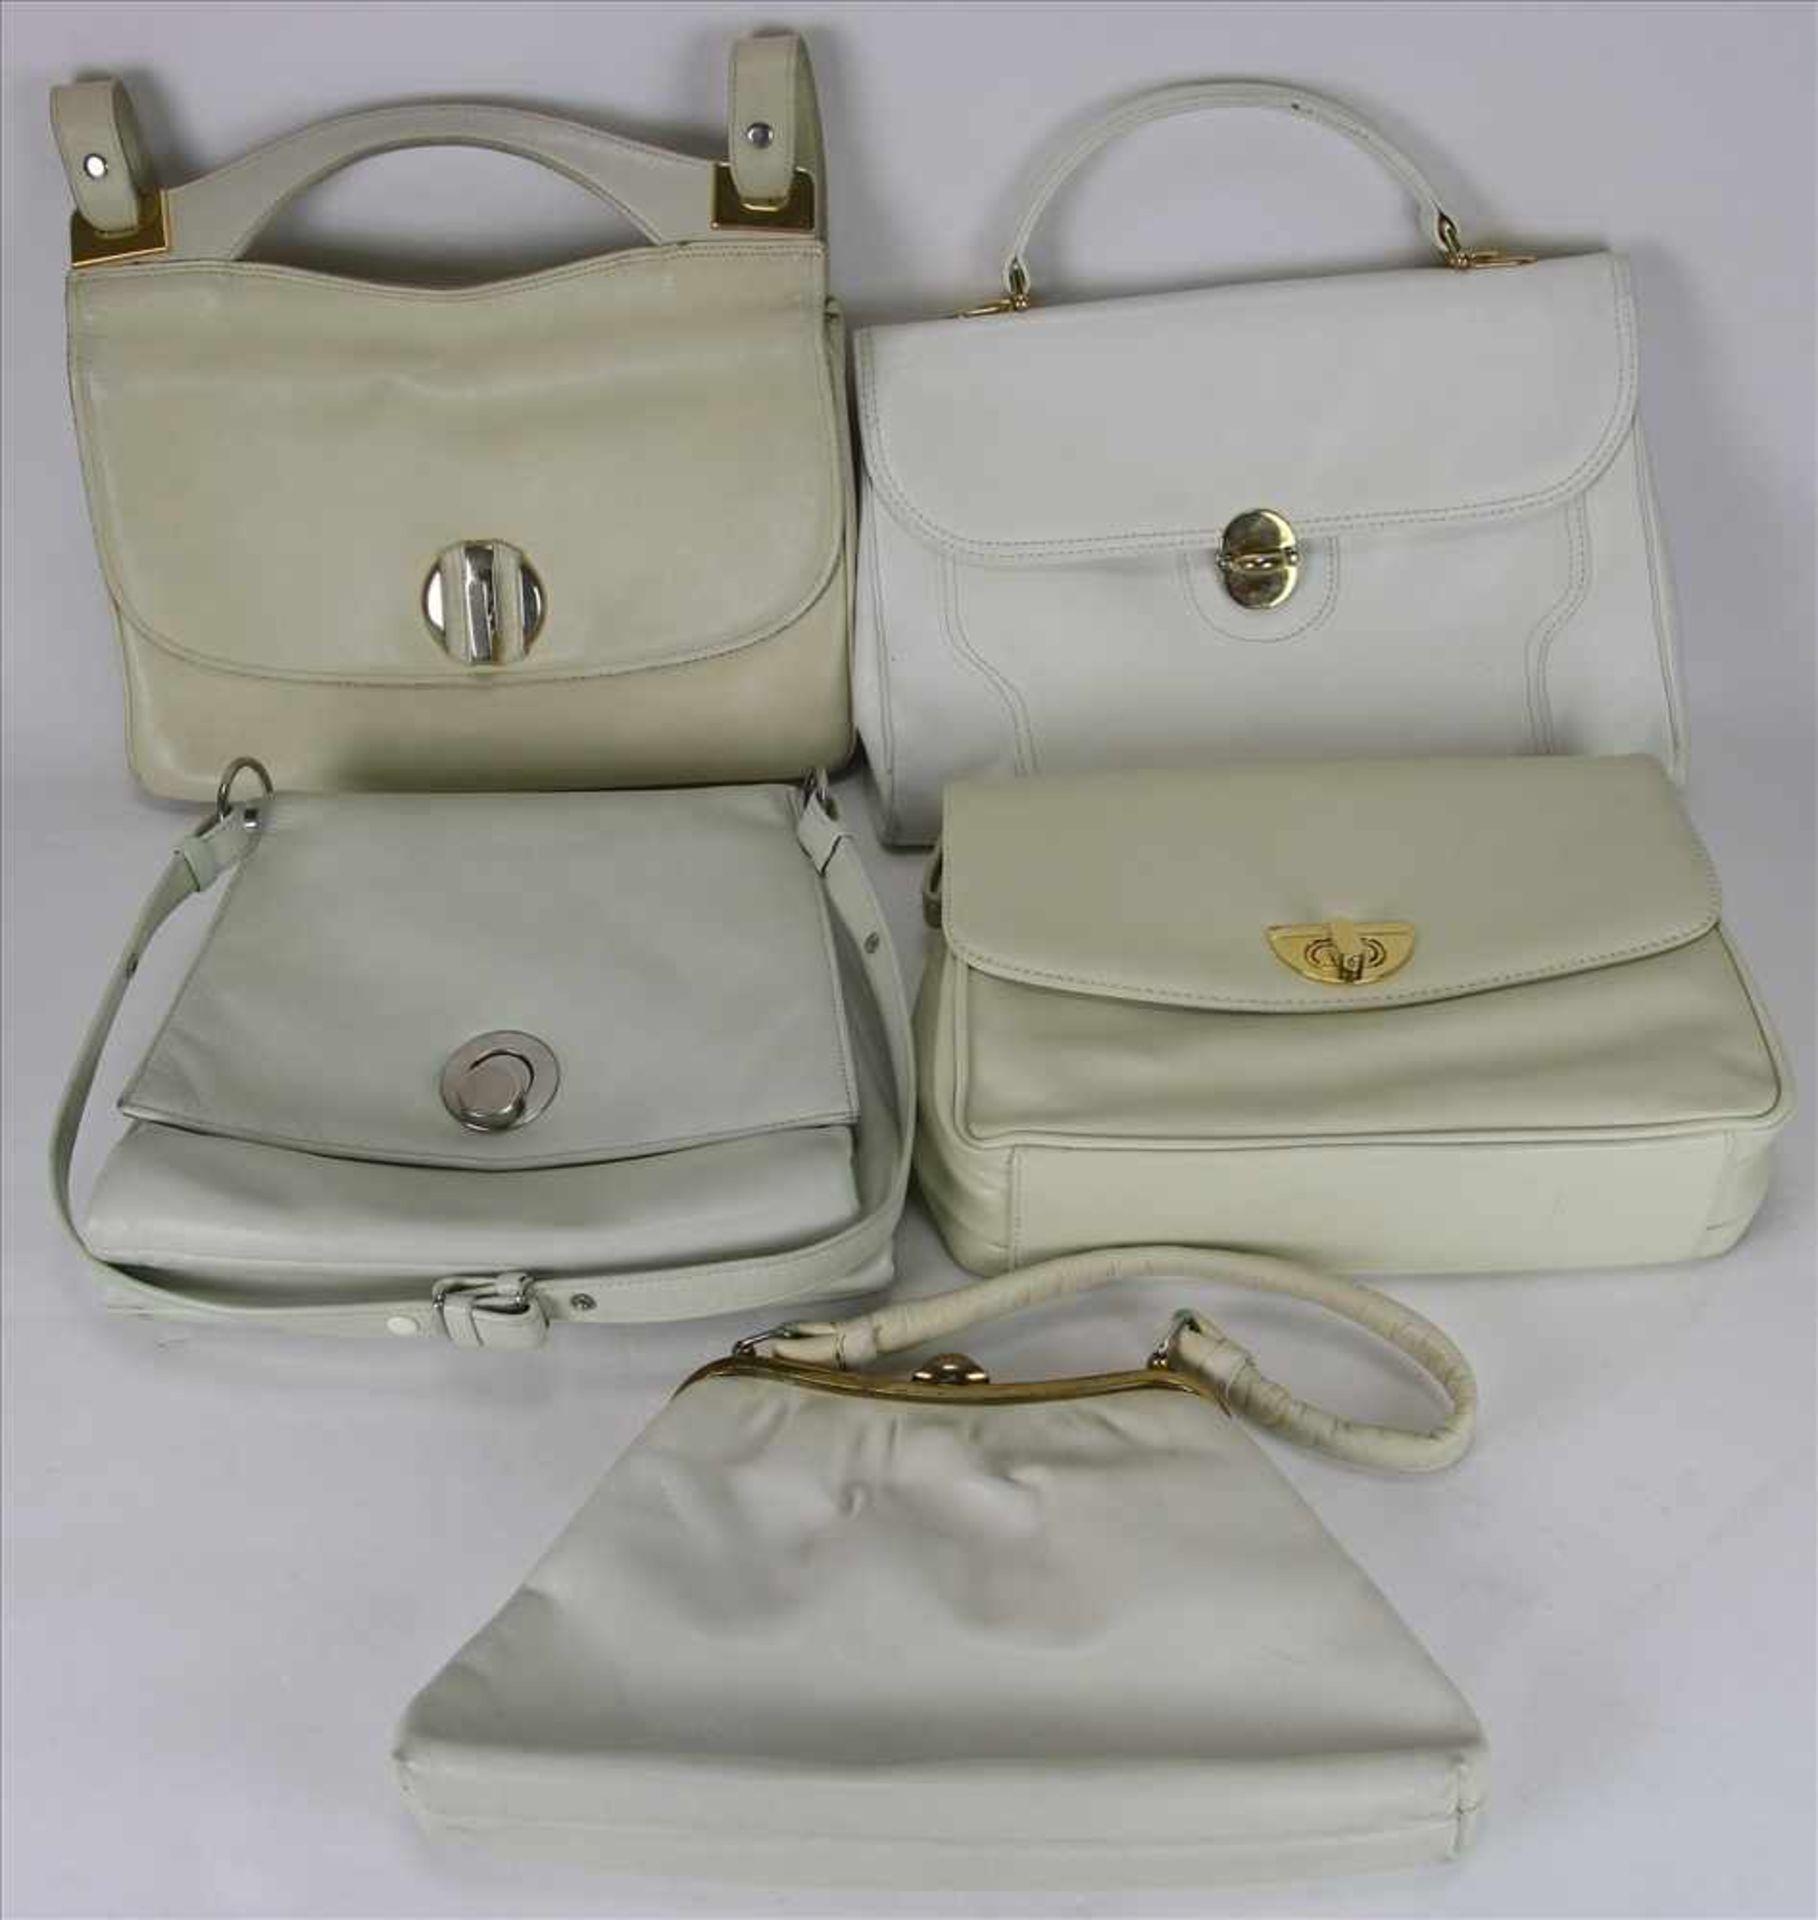 Los 60 - Fünf Vintage Handtaschen1970-er Jahre. Helle Ledertaschen. Größe der größten ca. 33 x 8 cm, Höhe ca.